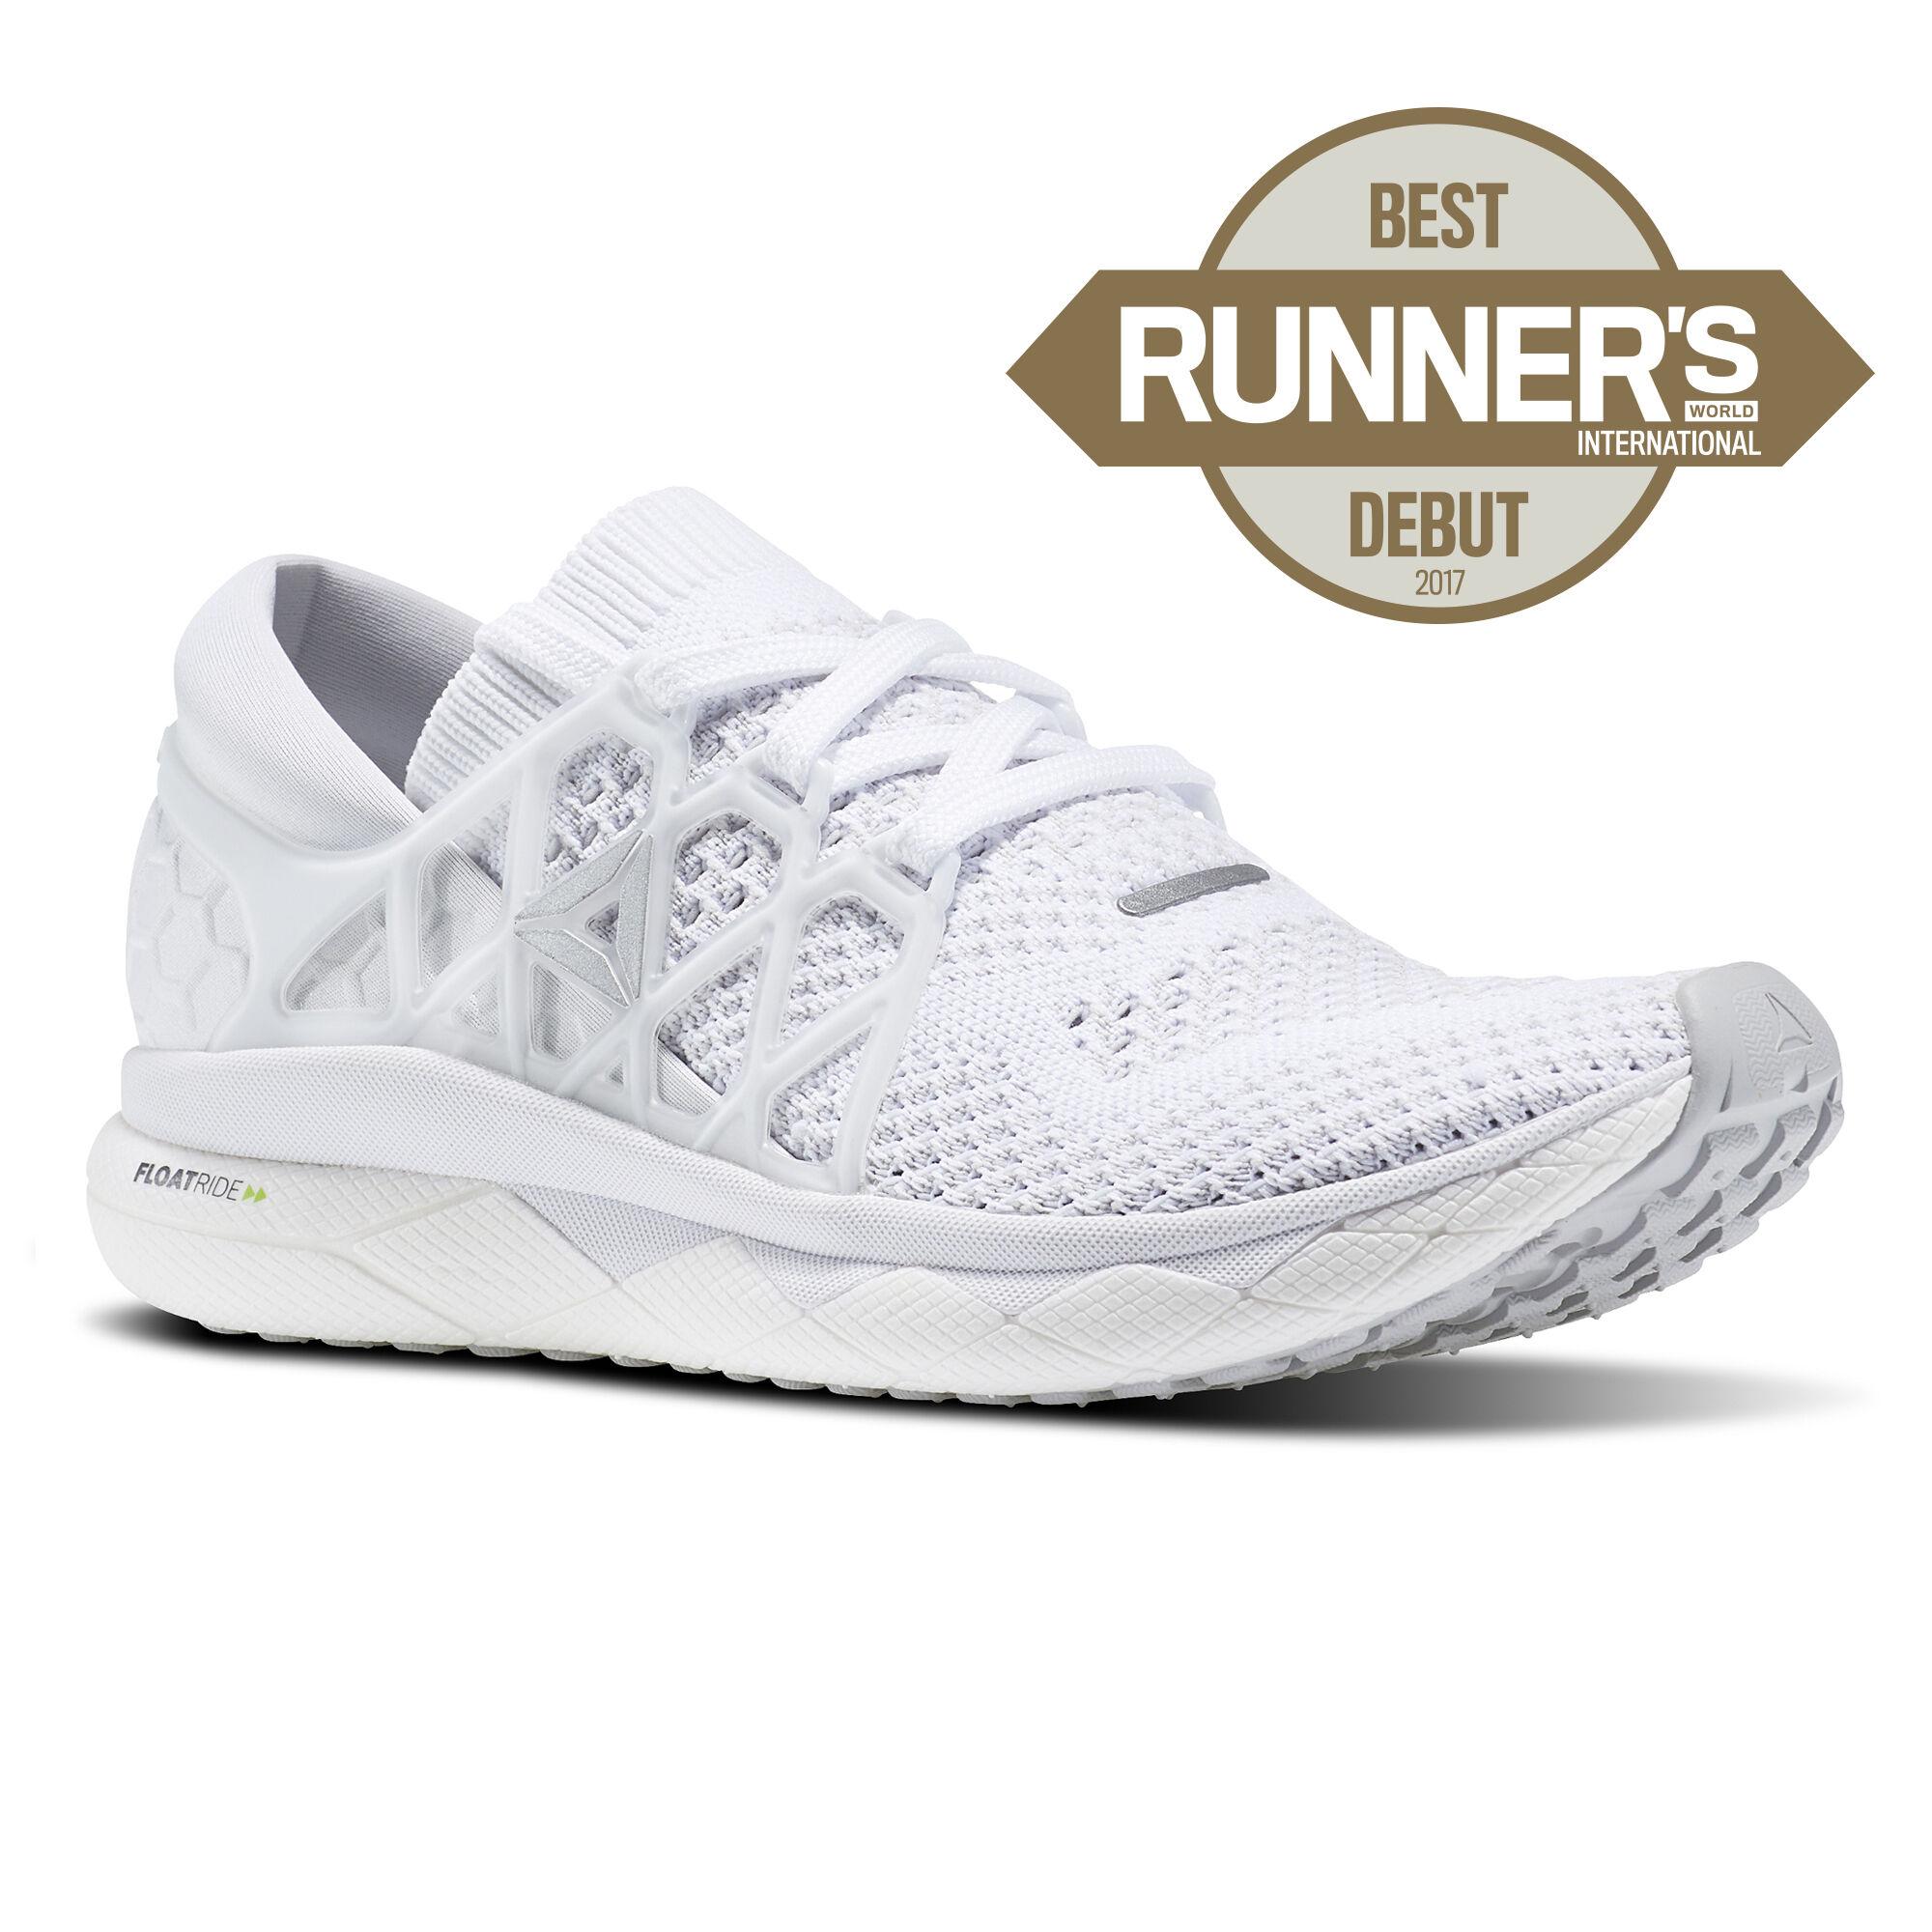 Reebok - Reebok Floatride Run Ultraknit White/Steel/Coal BS9867. Read all  364 reviews. Women Running